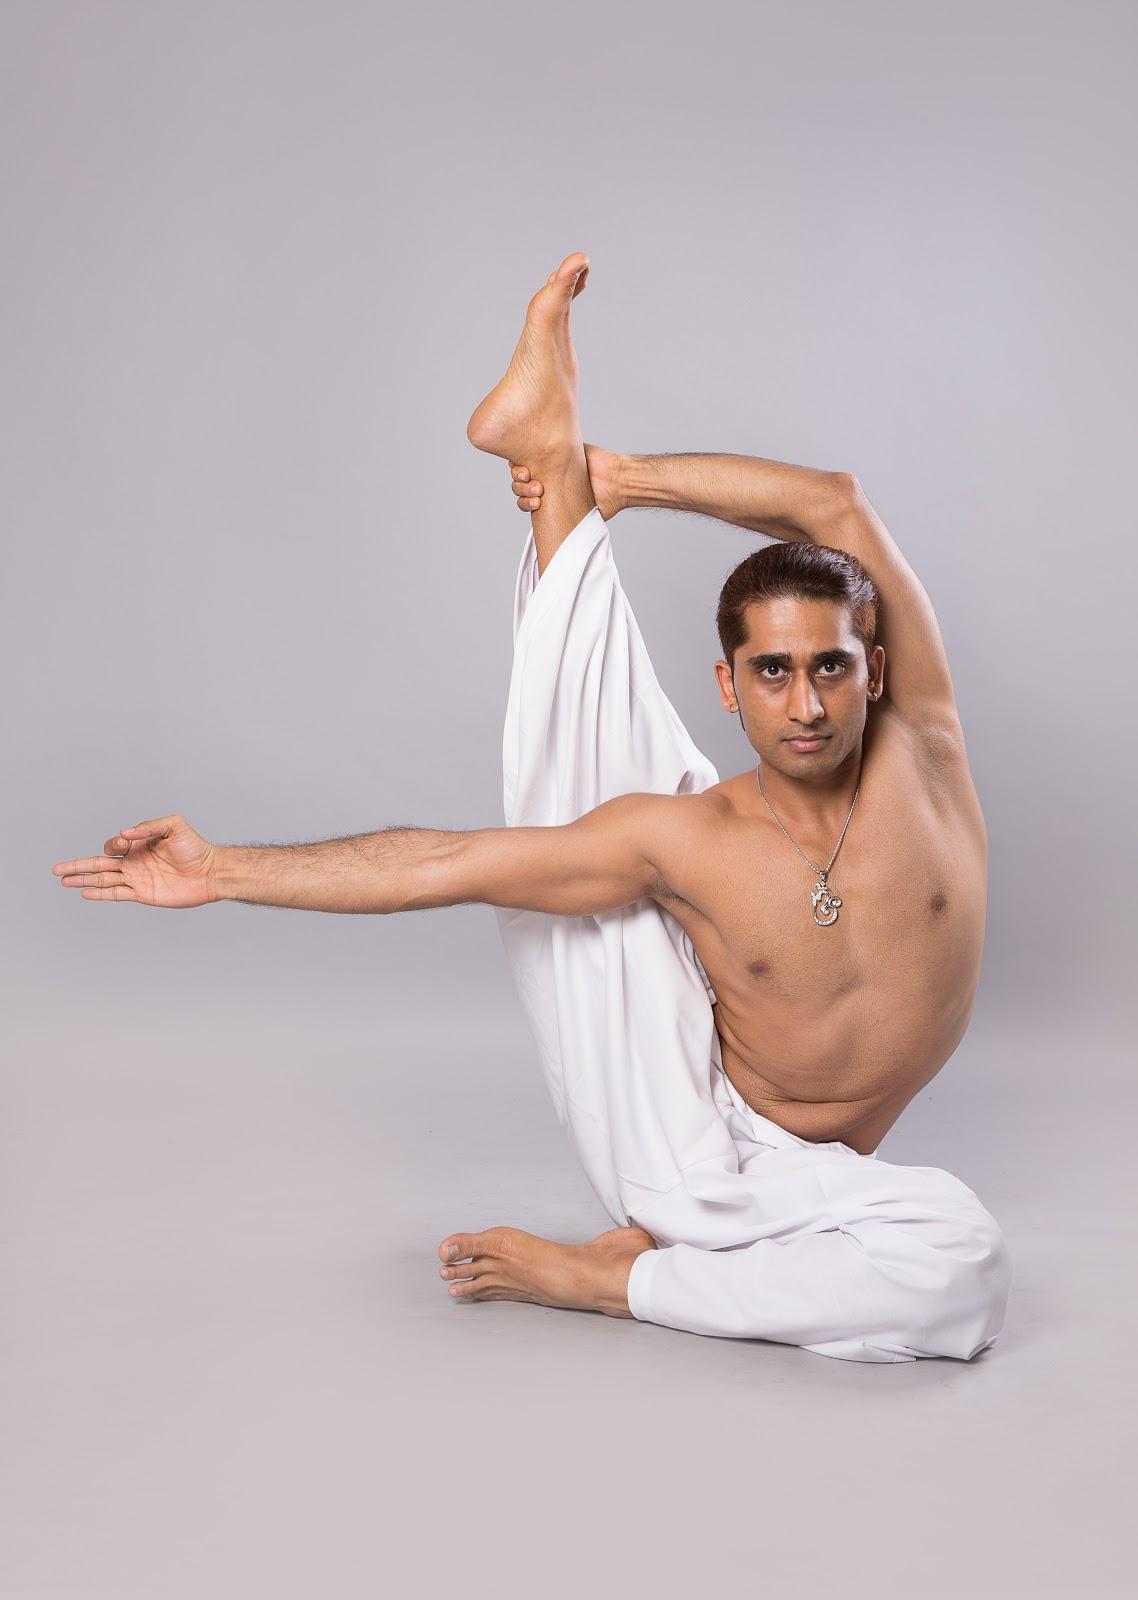 Yoga_0893_a.jpg